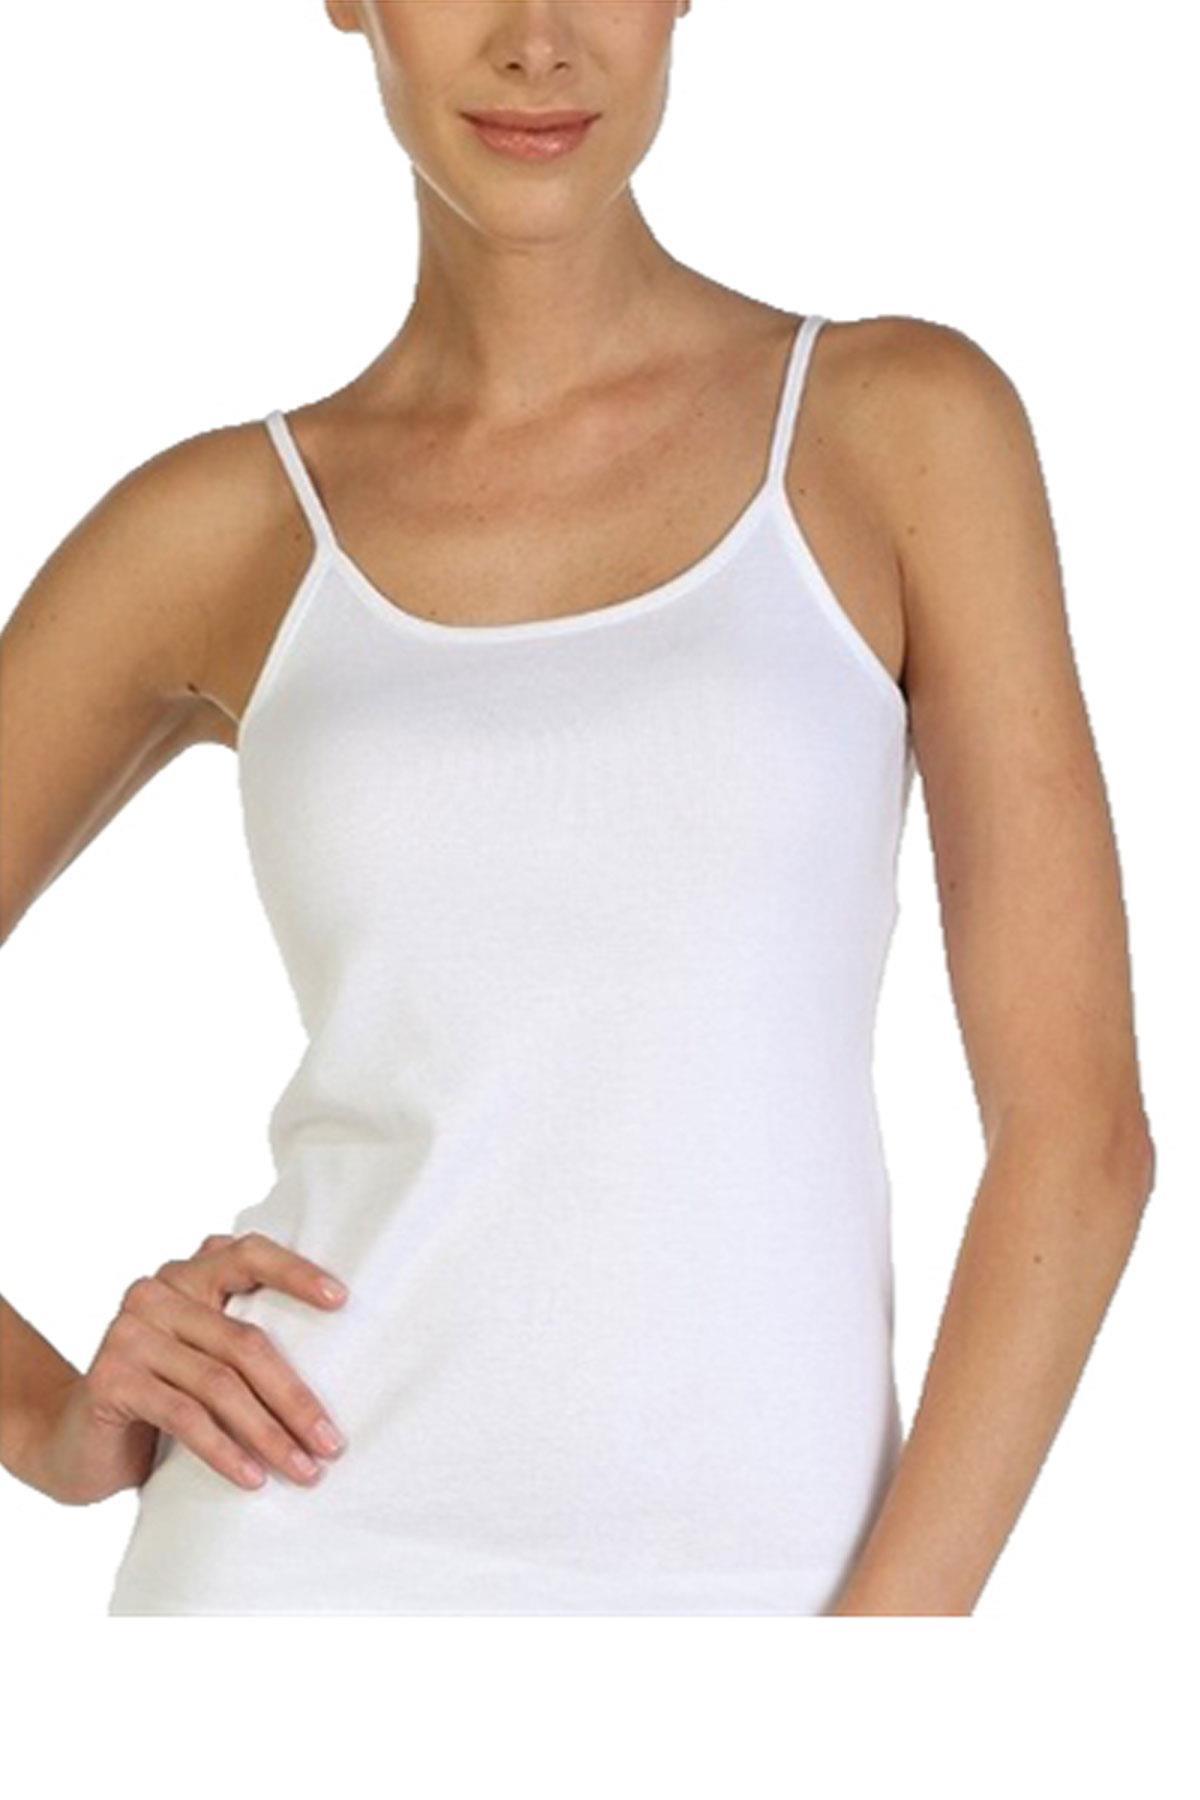 Gümüş İç Giyim Kadın İp Askılı Ribana Bayan Atlet 6 lı Paket